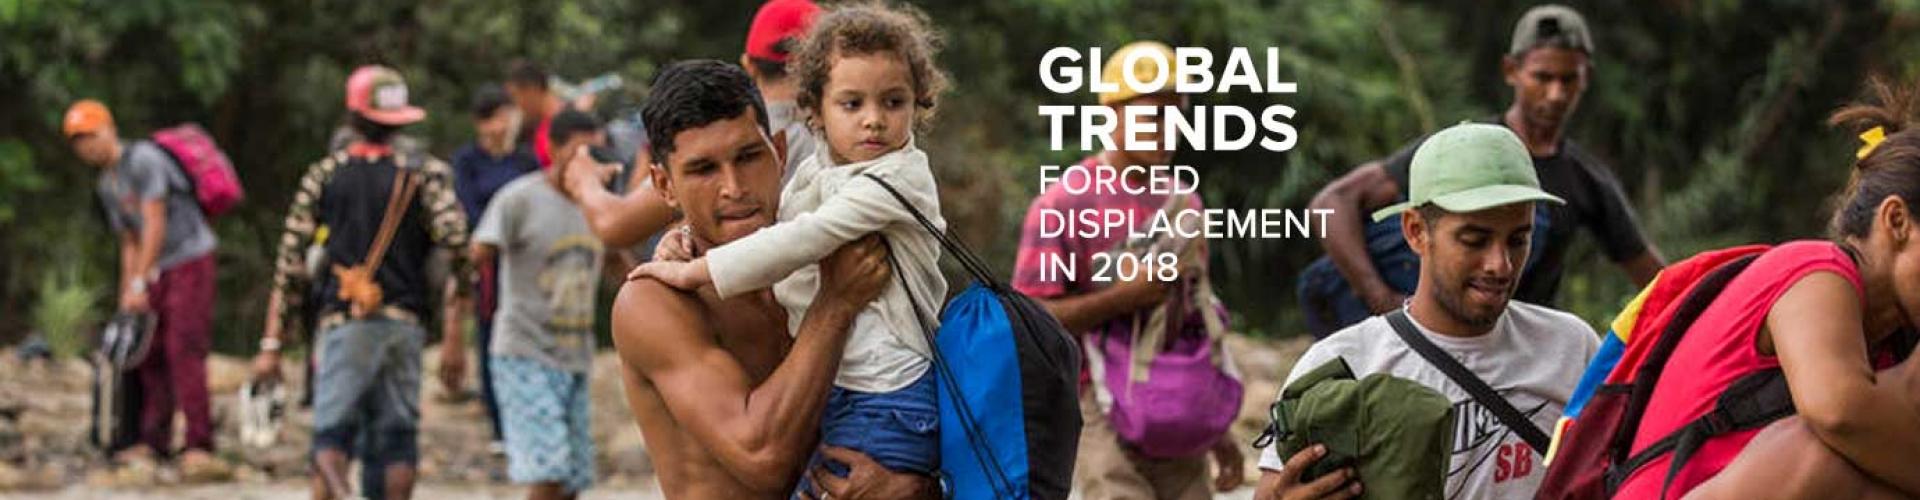 ตัวเลขผู้พลัดถิ่นทั่วโลกสูงเกิน 70 ล้านคน ข้าหลวงใหญ่ผู้ลี้ภัยแห่งสหประชาชาติ เร่งผลักดันความเป็นอันหนึ่งอันเดียวกันในการแก้ปัญหา